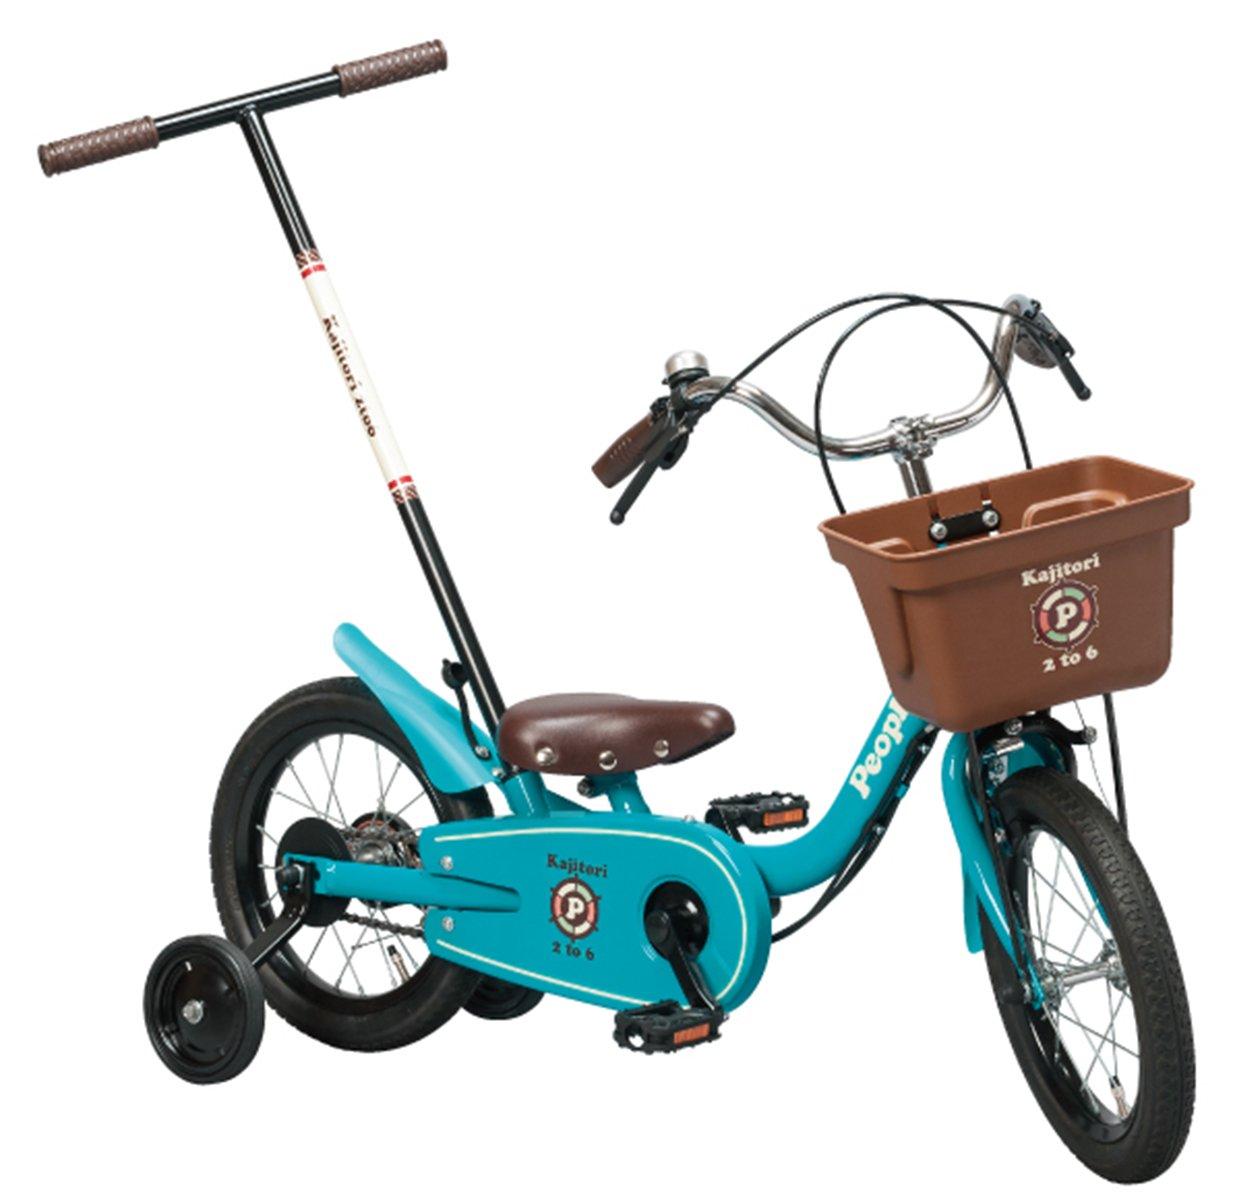 People(ピープル) いきなり自転車 かじとり式 14インチ B071LFH4BF ピュアターコイズ ピュアターコイズ